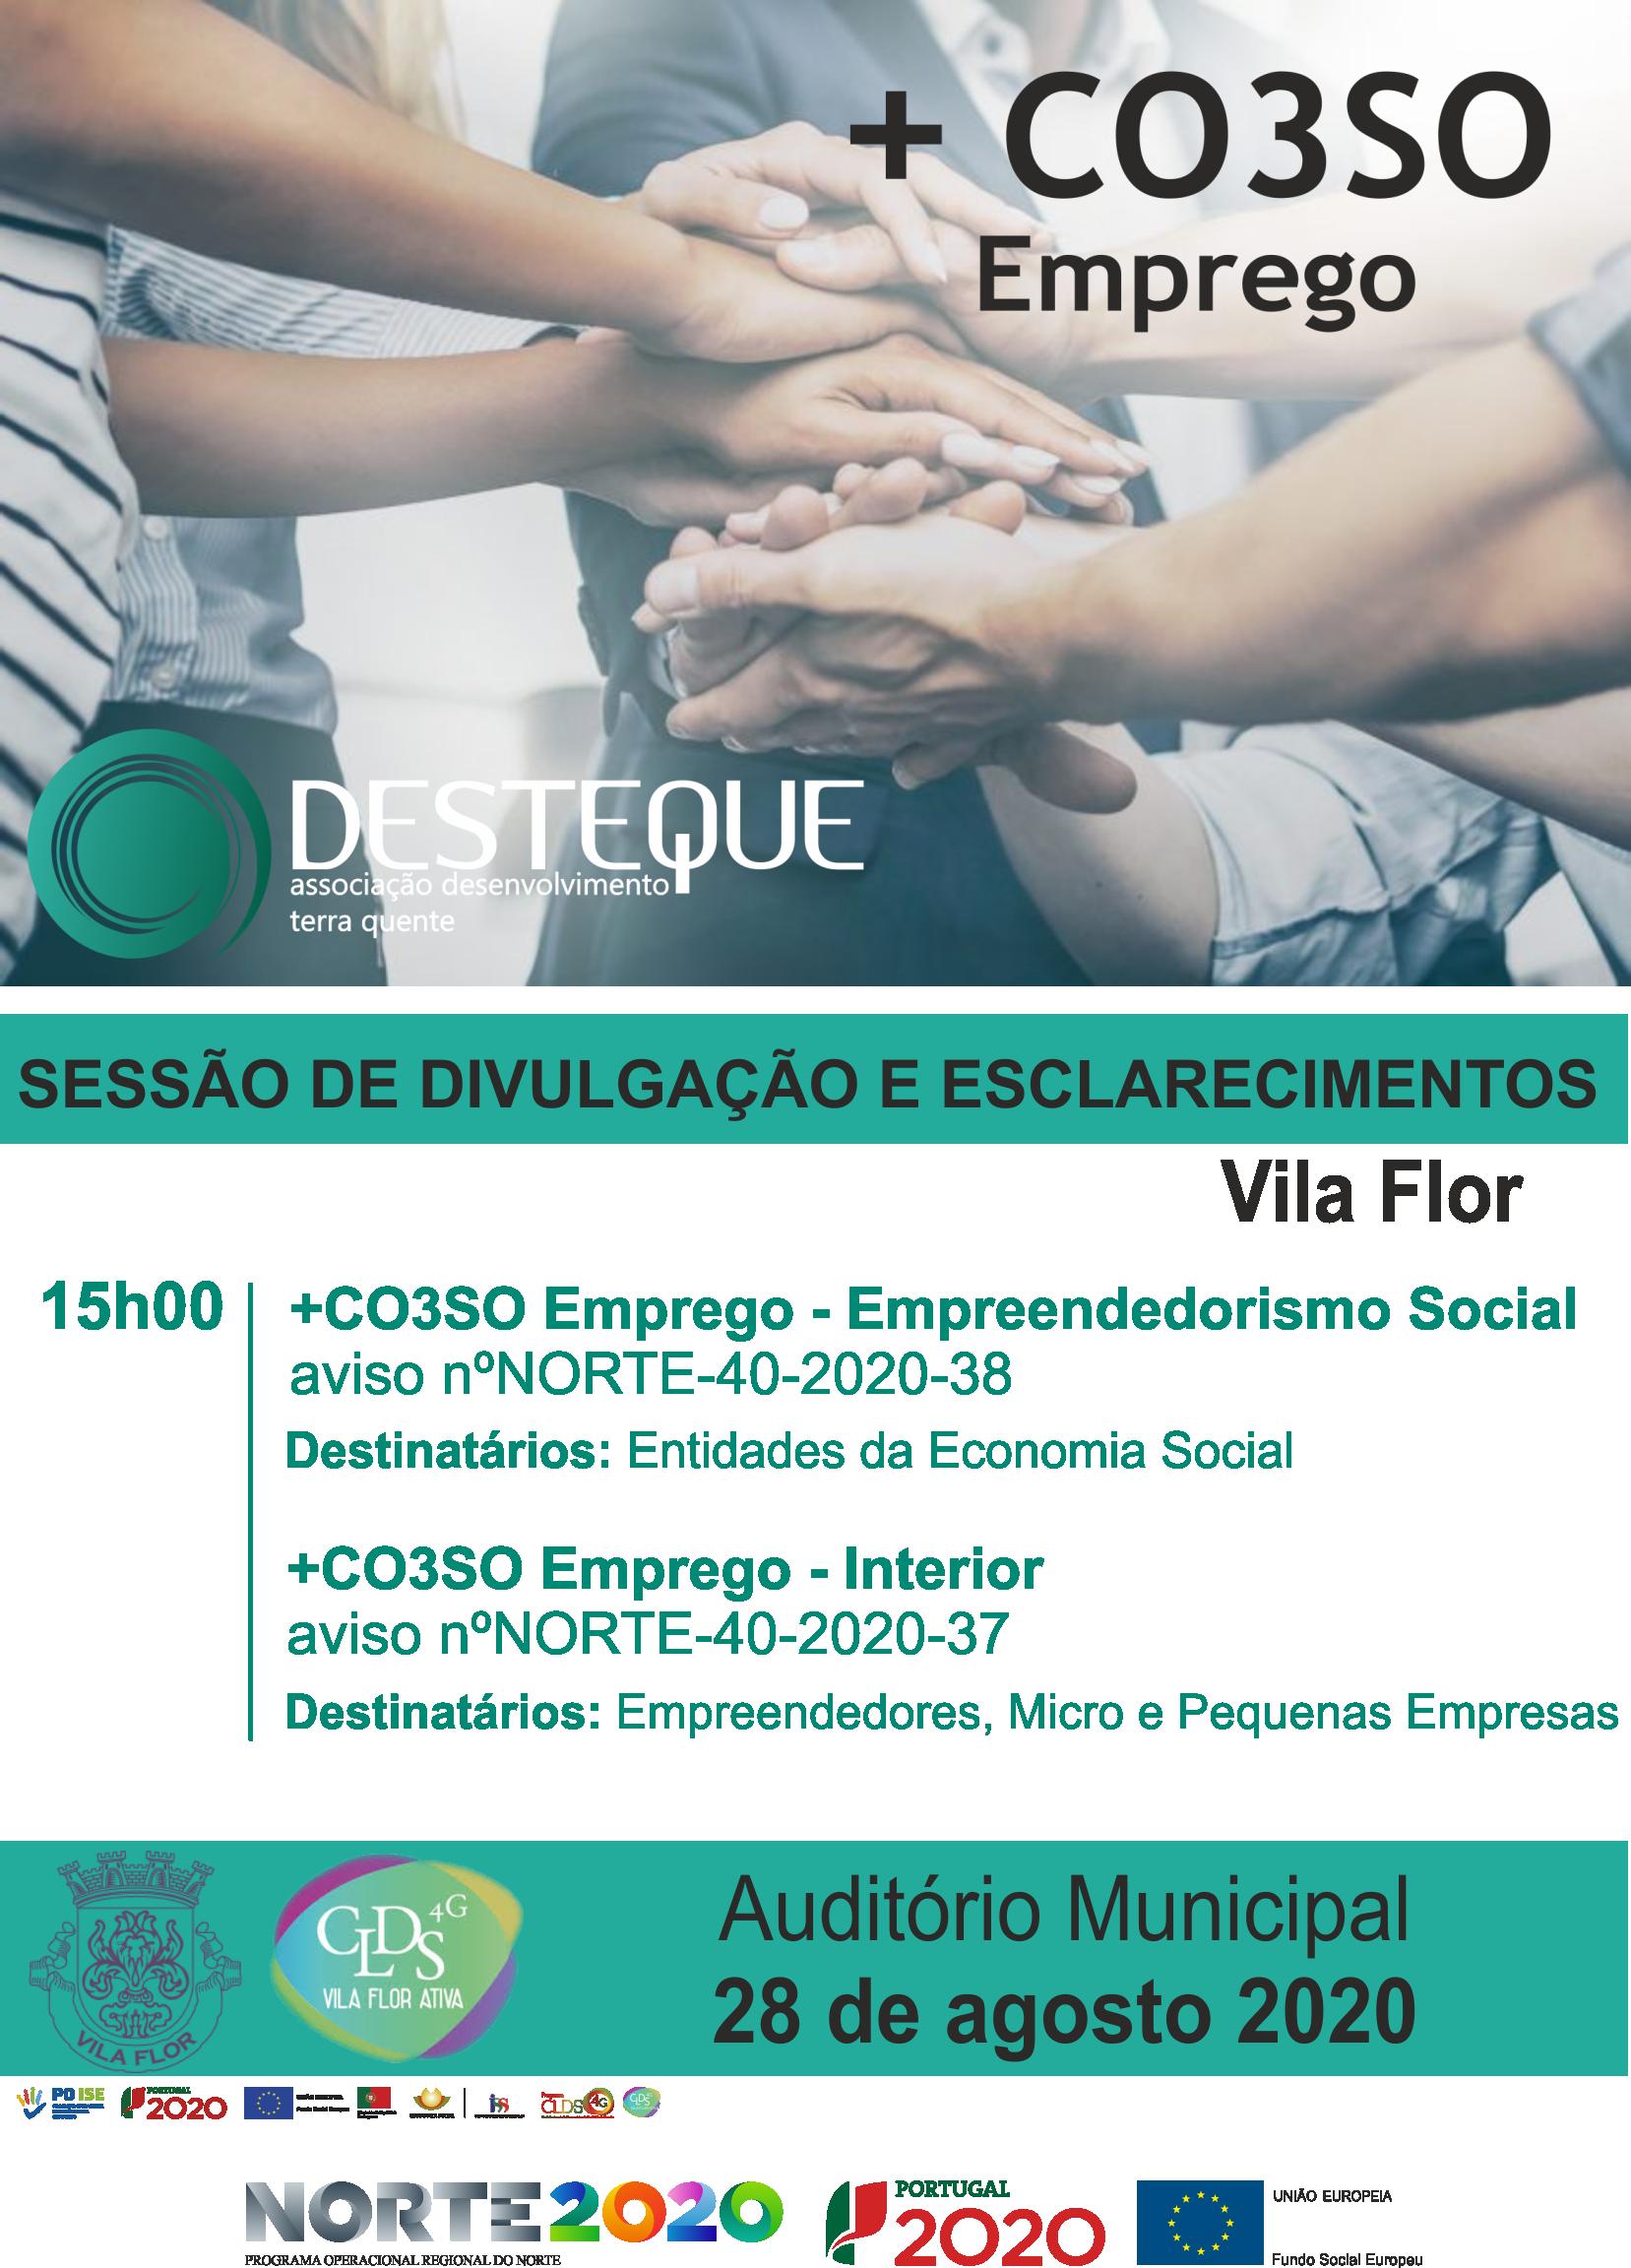 + CO3SO Emprego – Sessão de Divulgação e Esclarecimentos – Vila Flor